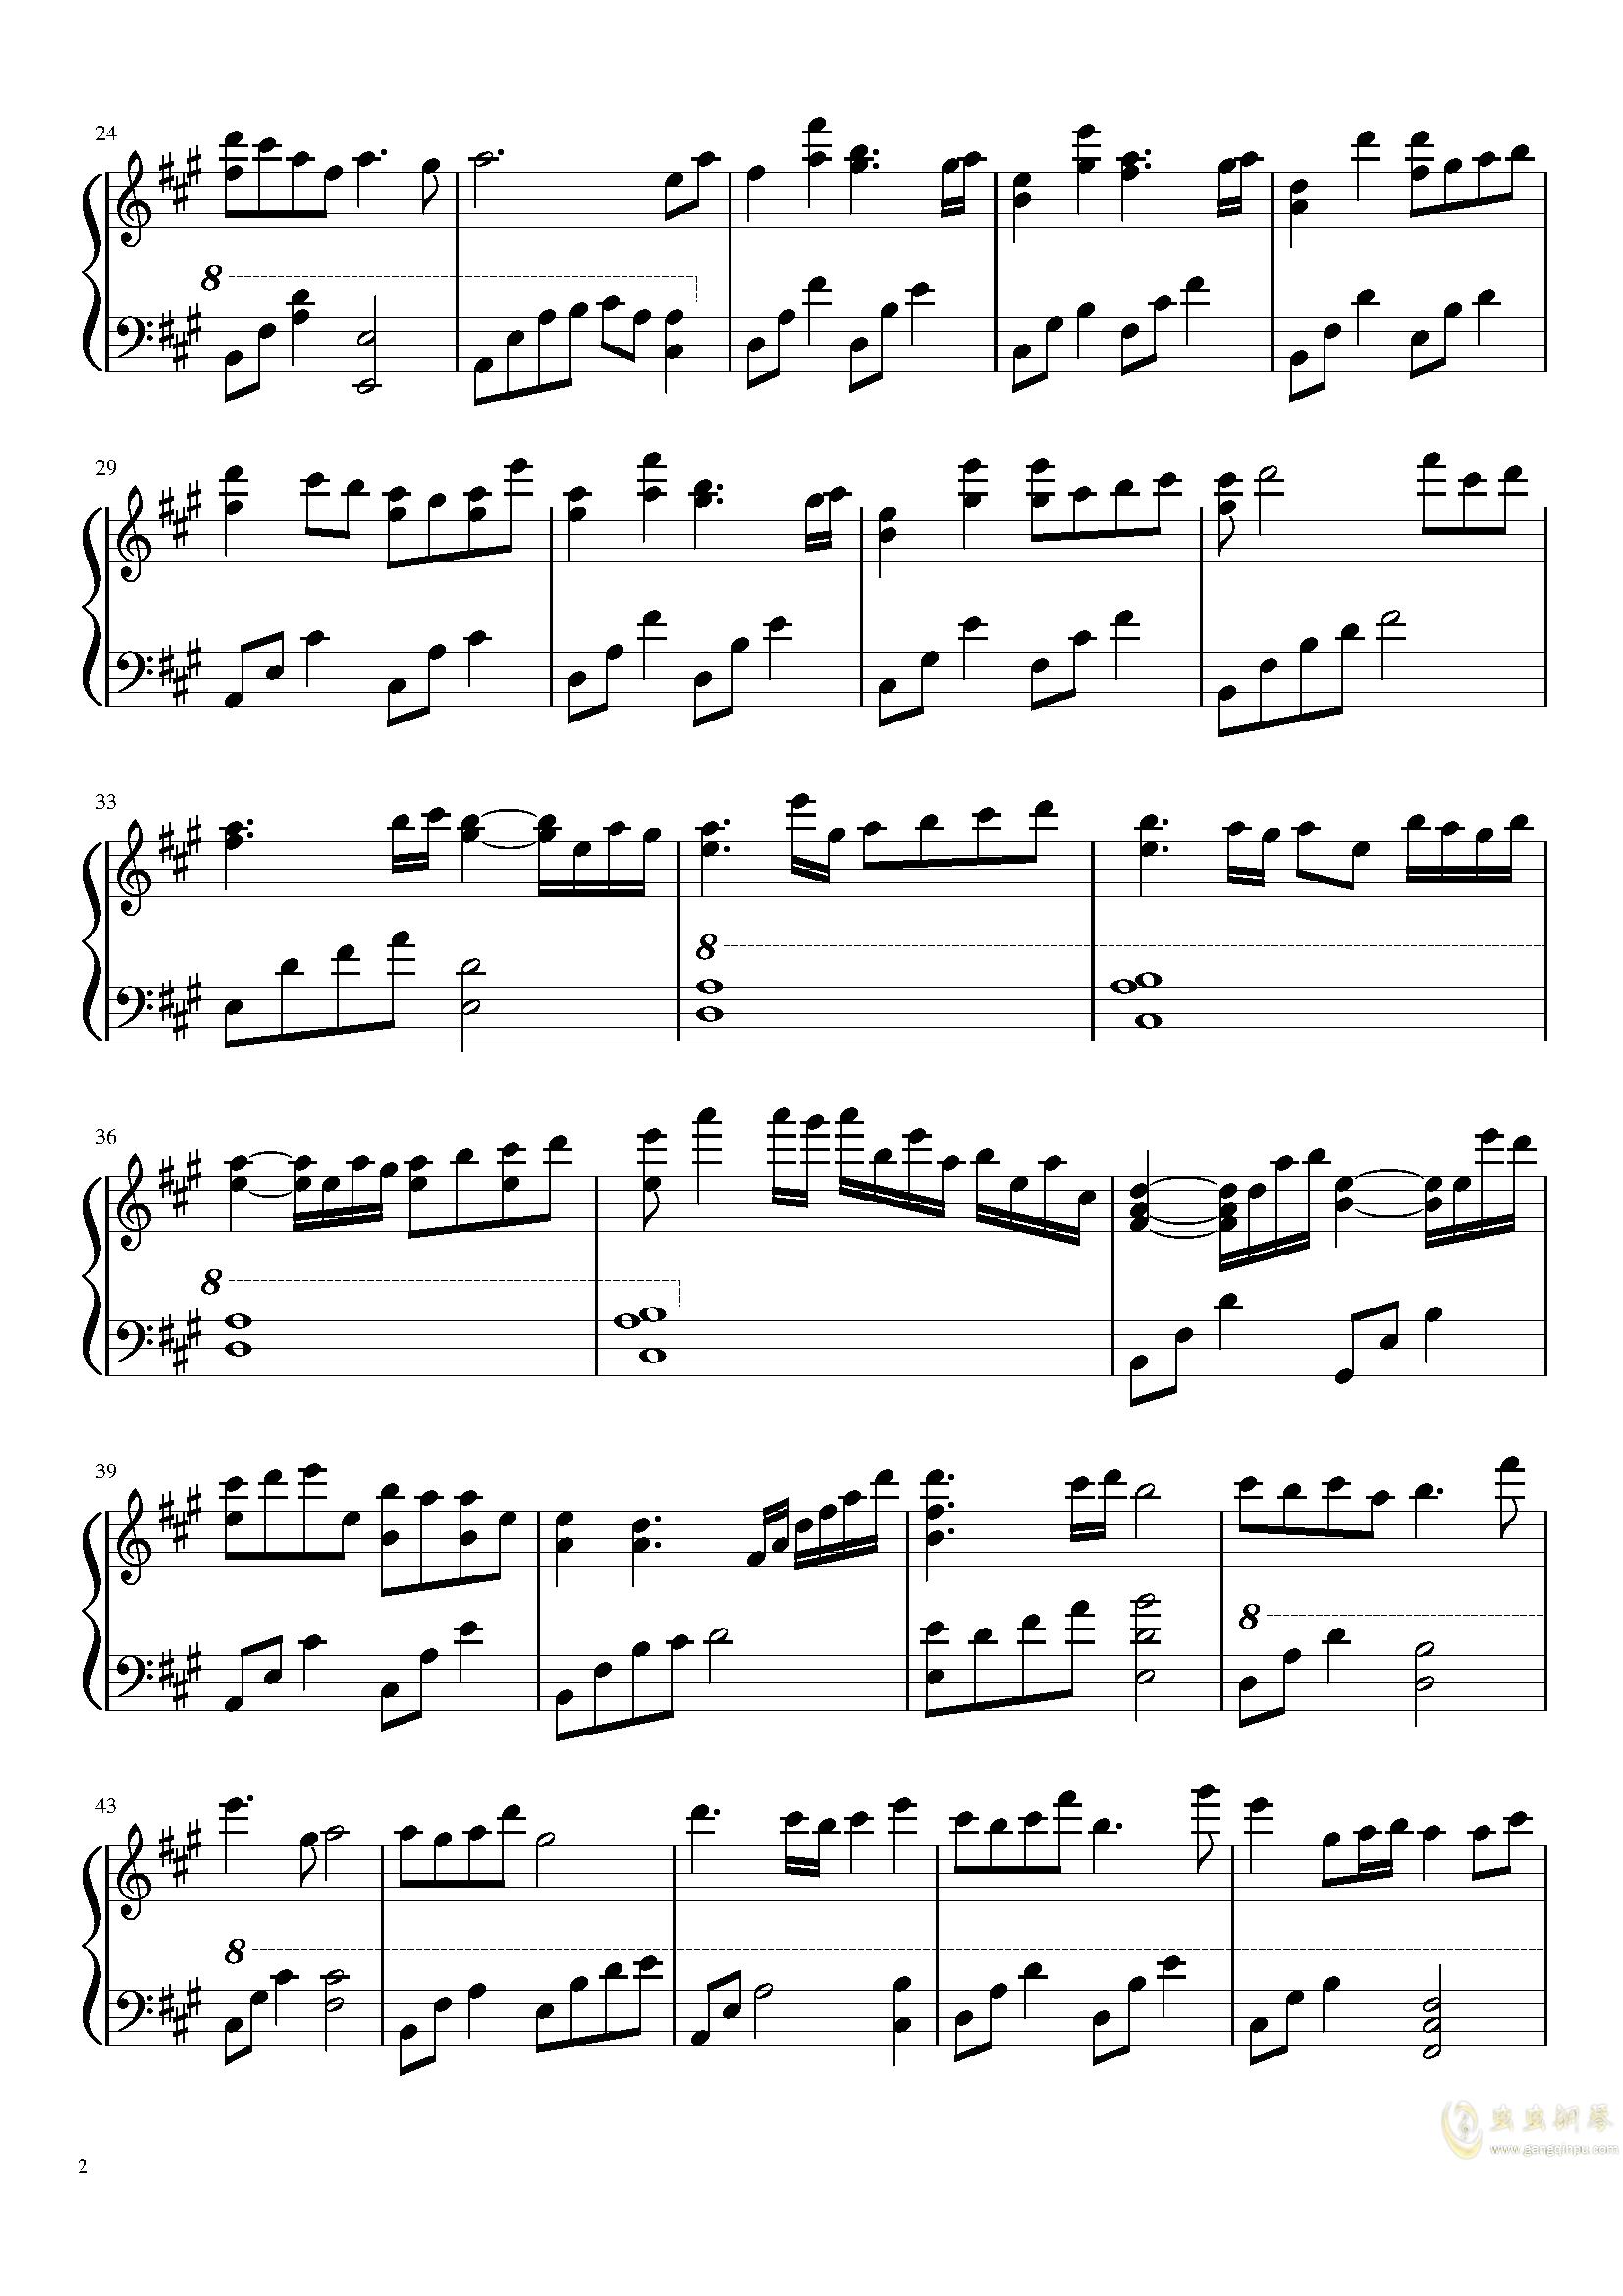 夜幕降临的思念ag88环亚娱乐谱 第2页